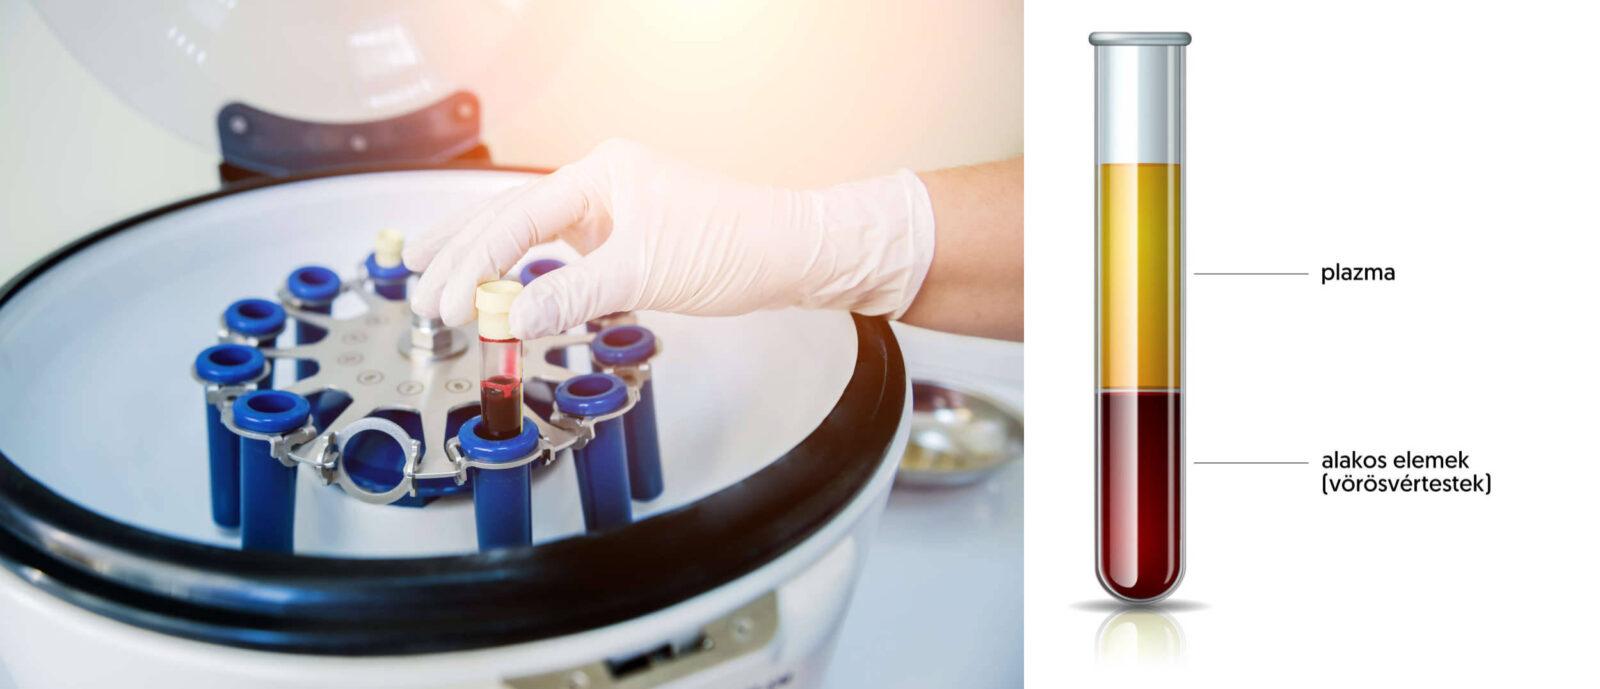 Hematokrit vizsgálata centrifugálás után